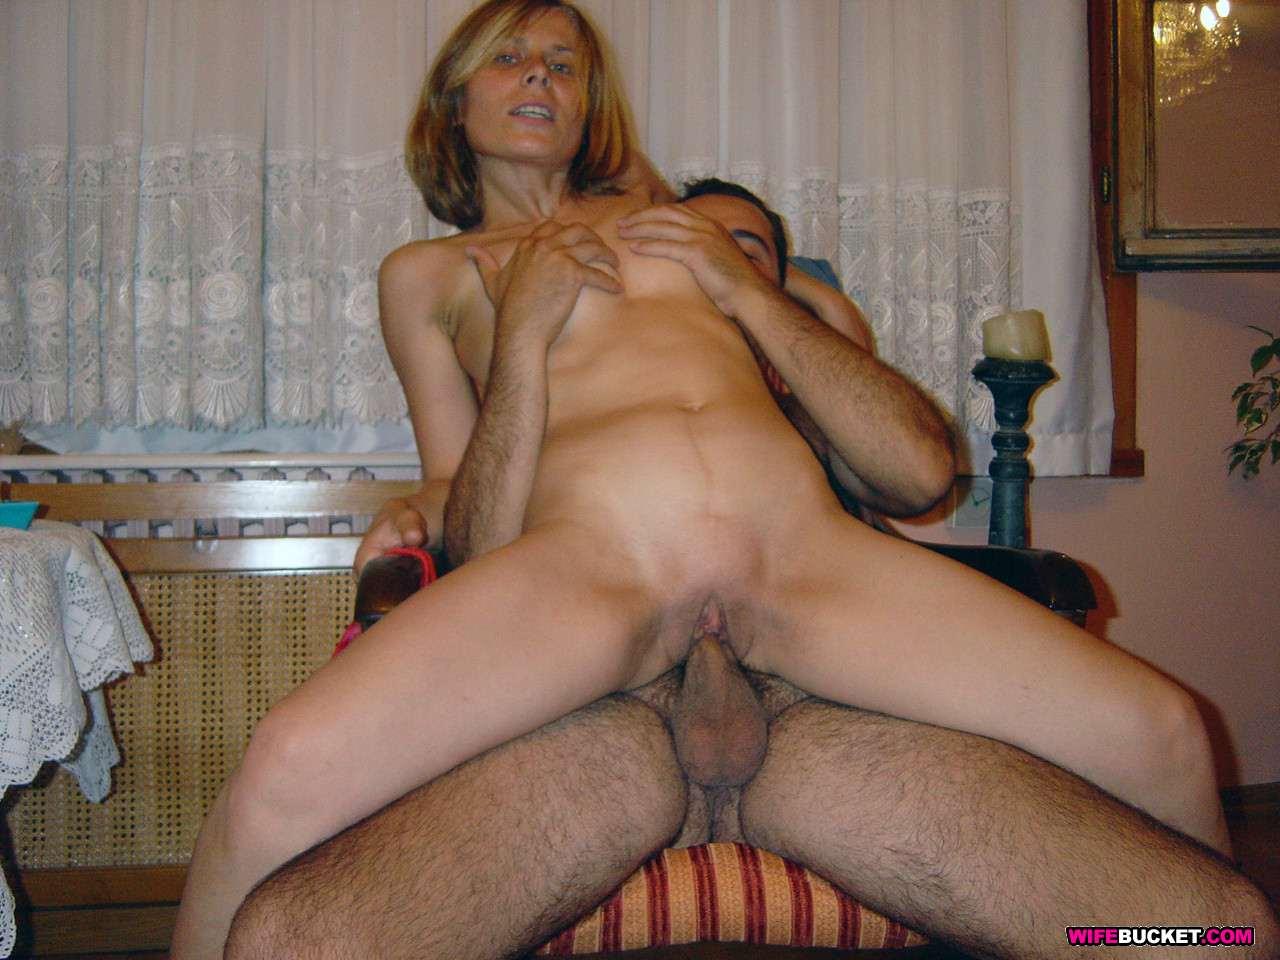 Swinger girlfriend